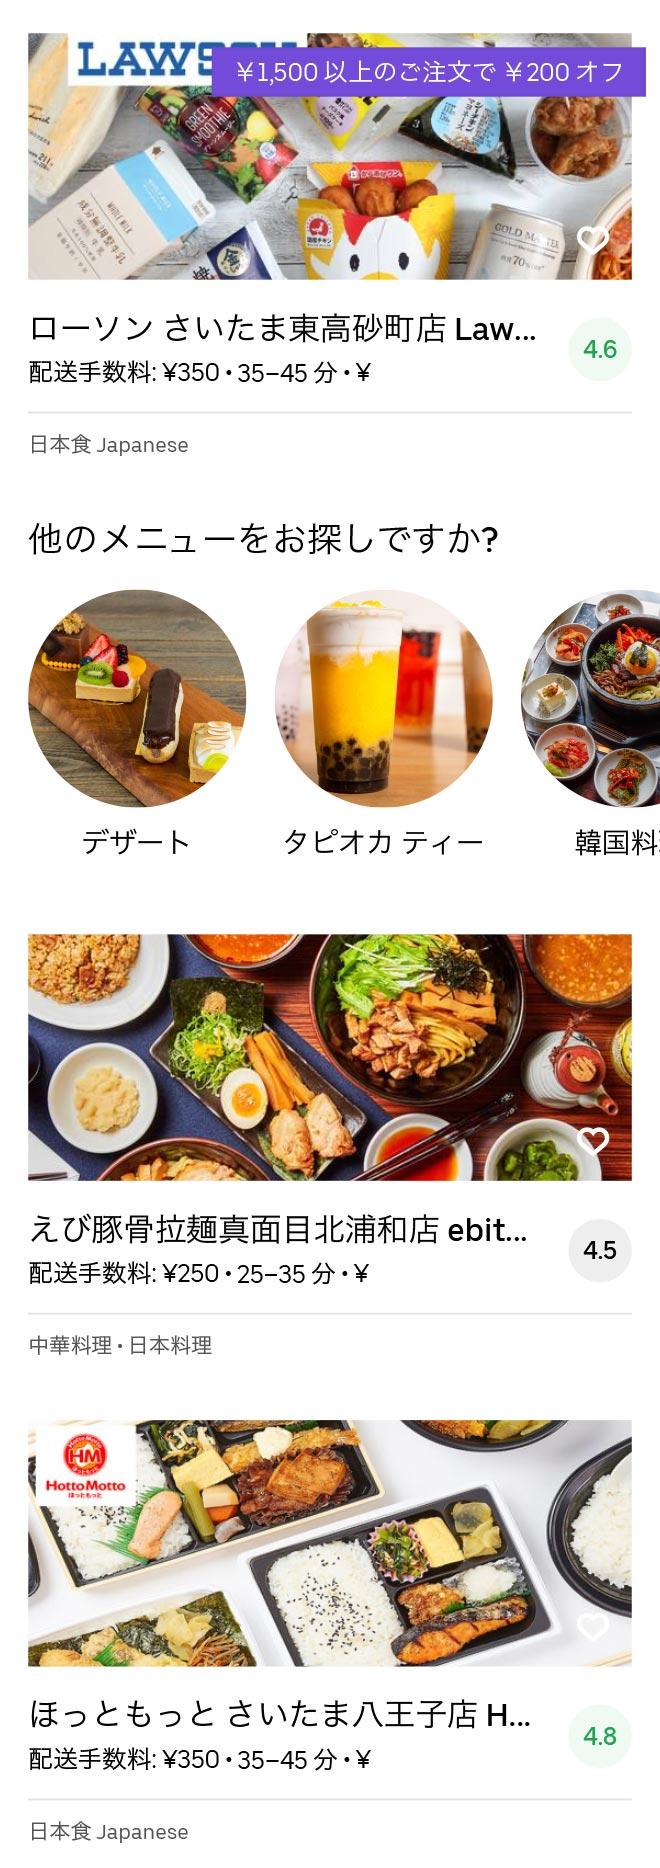 Saitama minami yono menu 2006 06